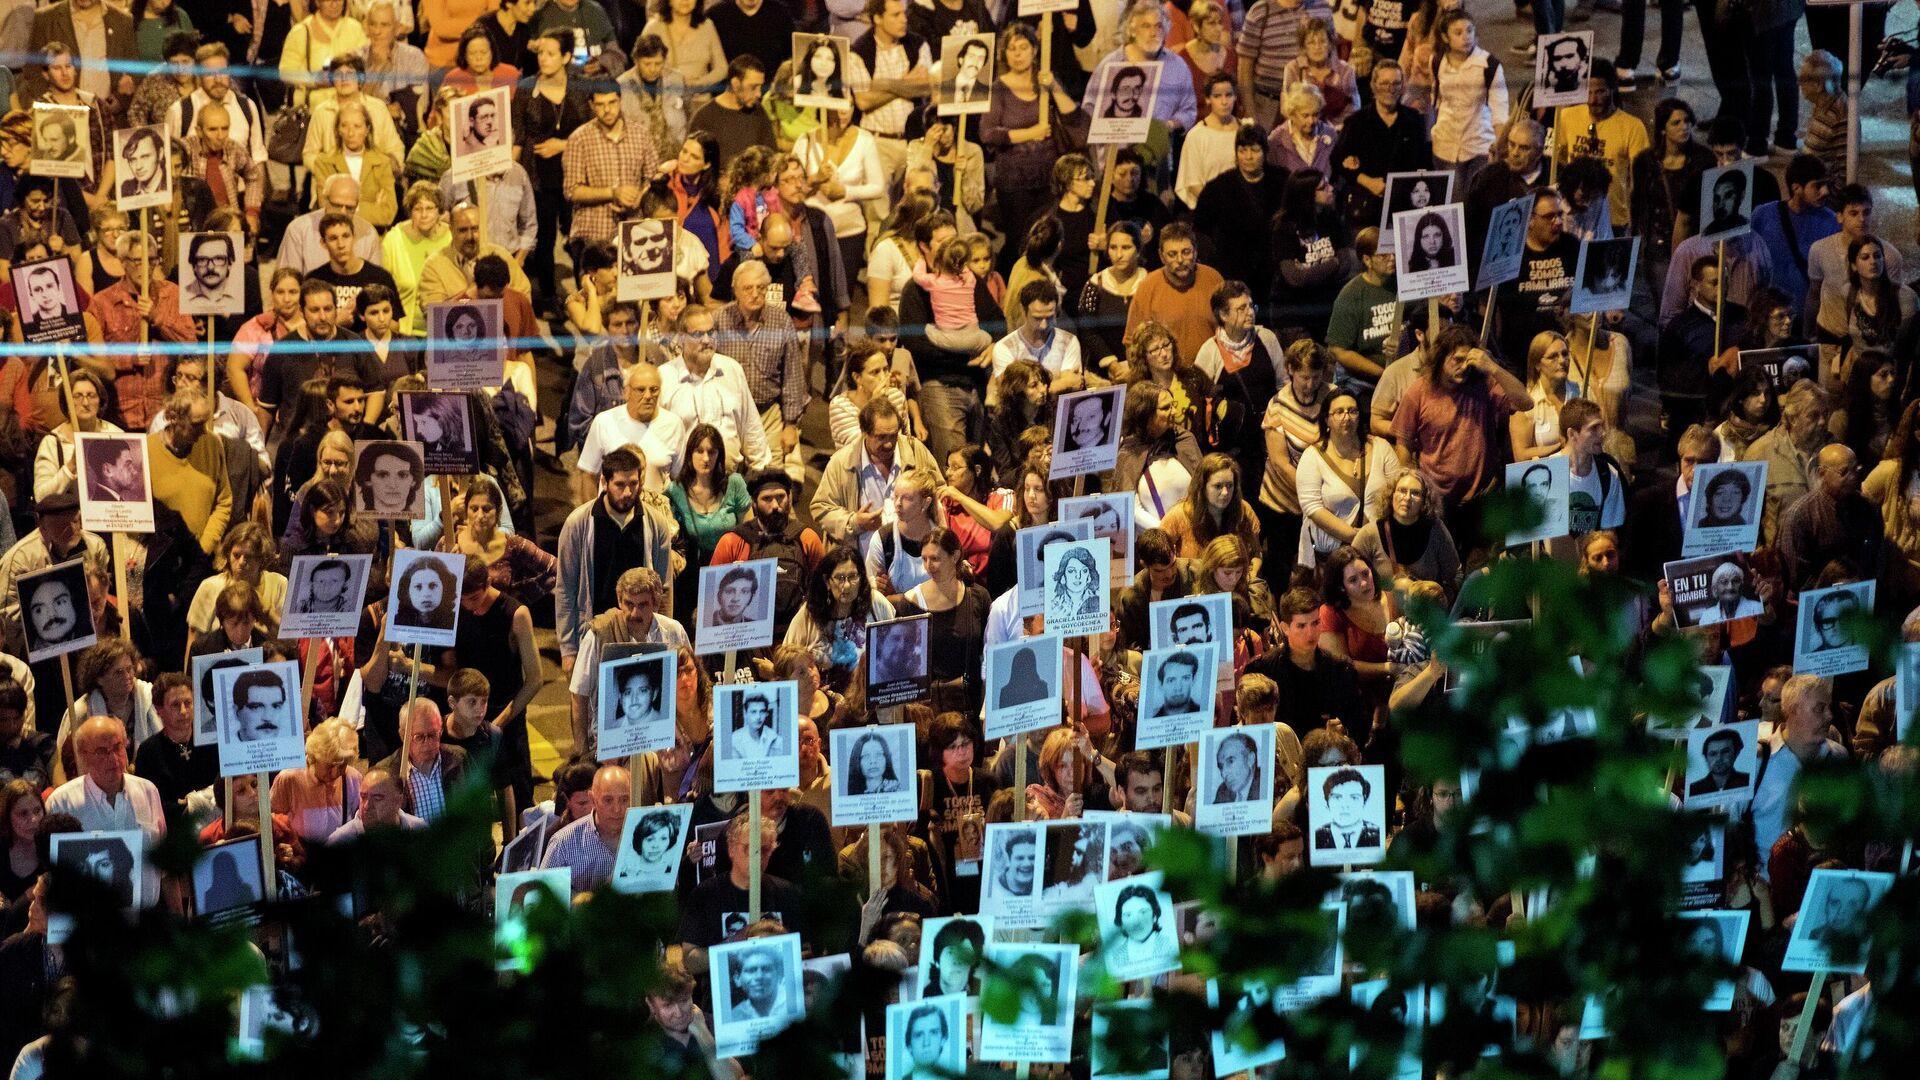 Marcha de silencio en conmemoración de las víctimas de la ditadura en Uruguay - Sputnik Mundo, 1920, 20.05.2021